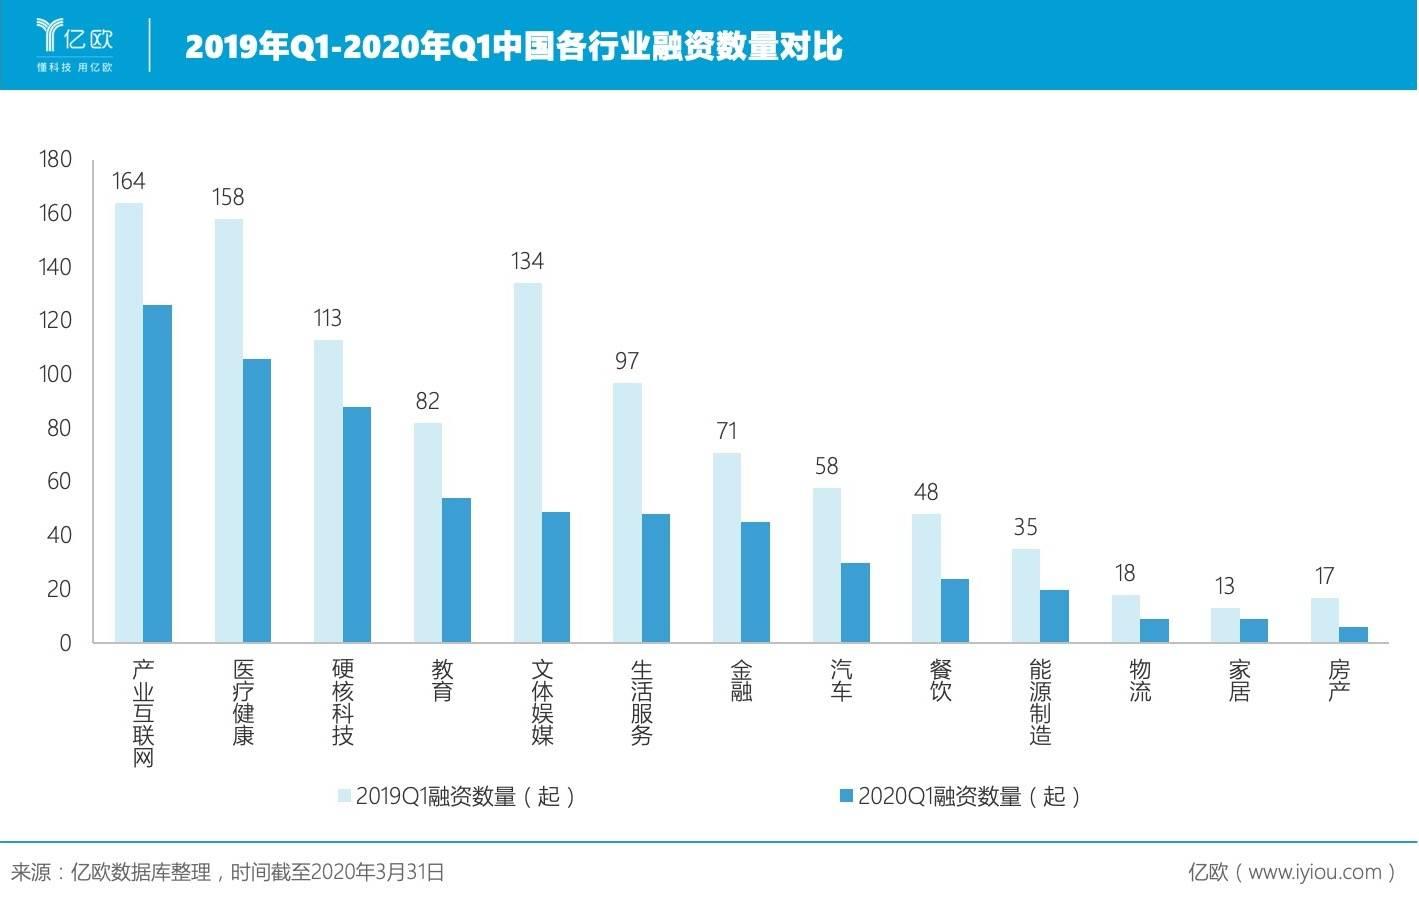 2019年Q1-2020年Q12019年Q1-2020年Q1中国各走业融资数目对比各走业融资数目对比.jpeg